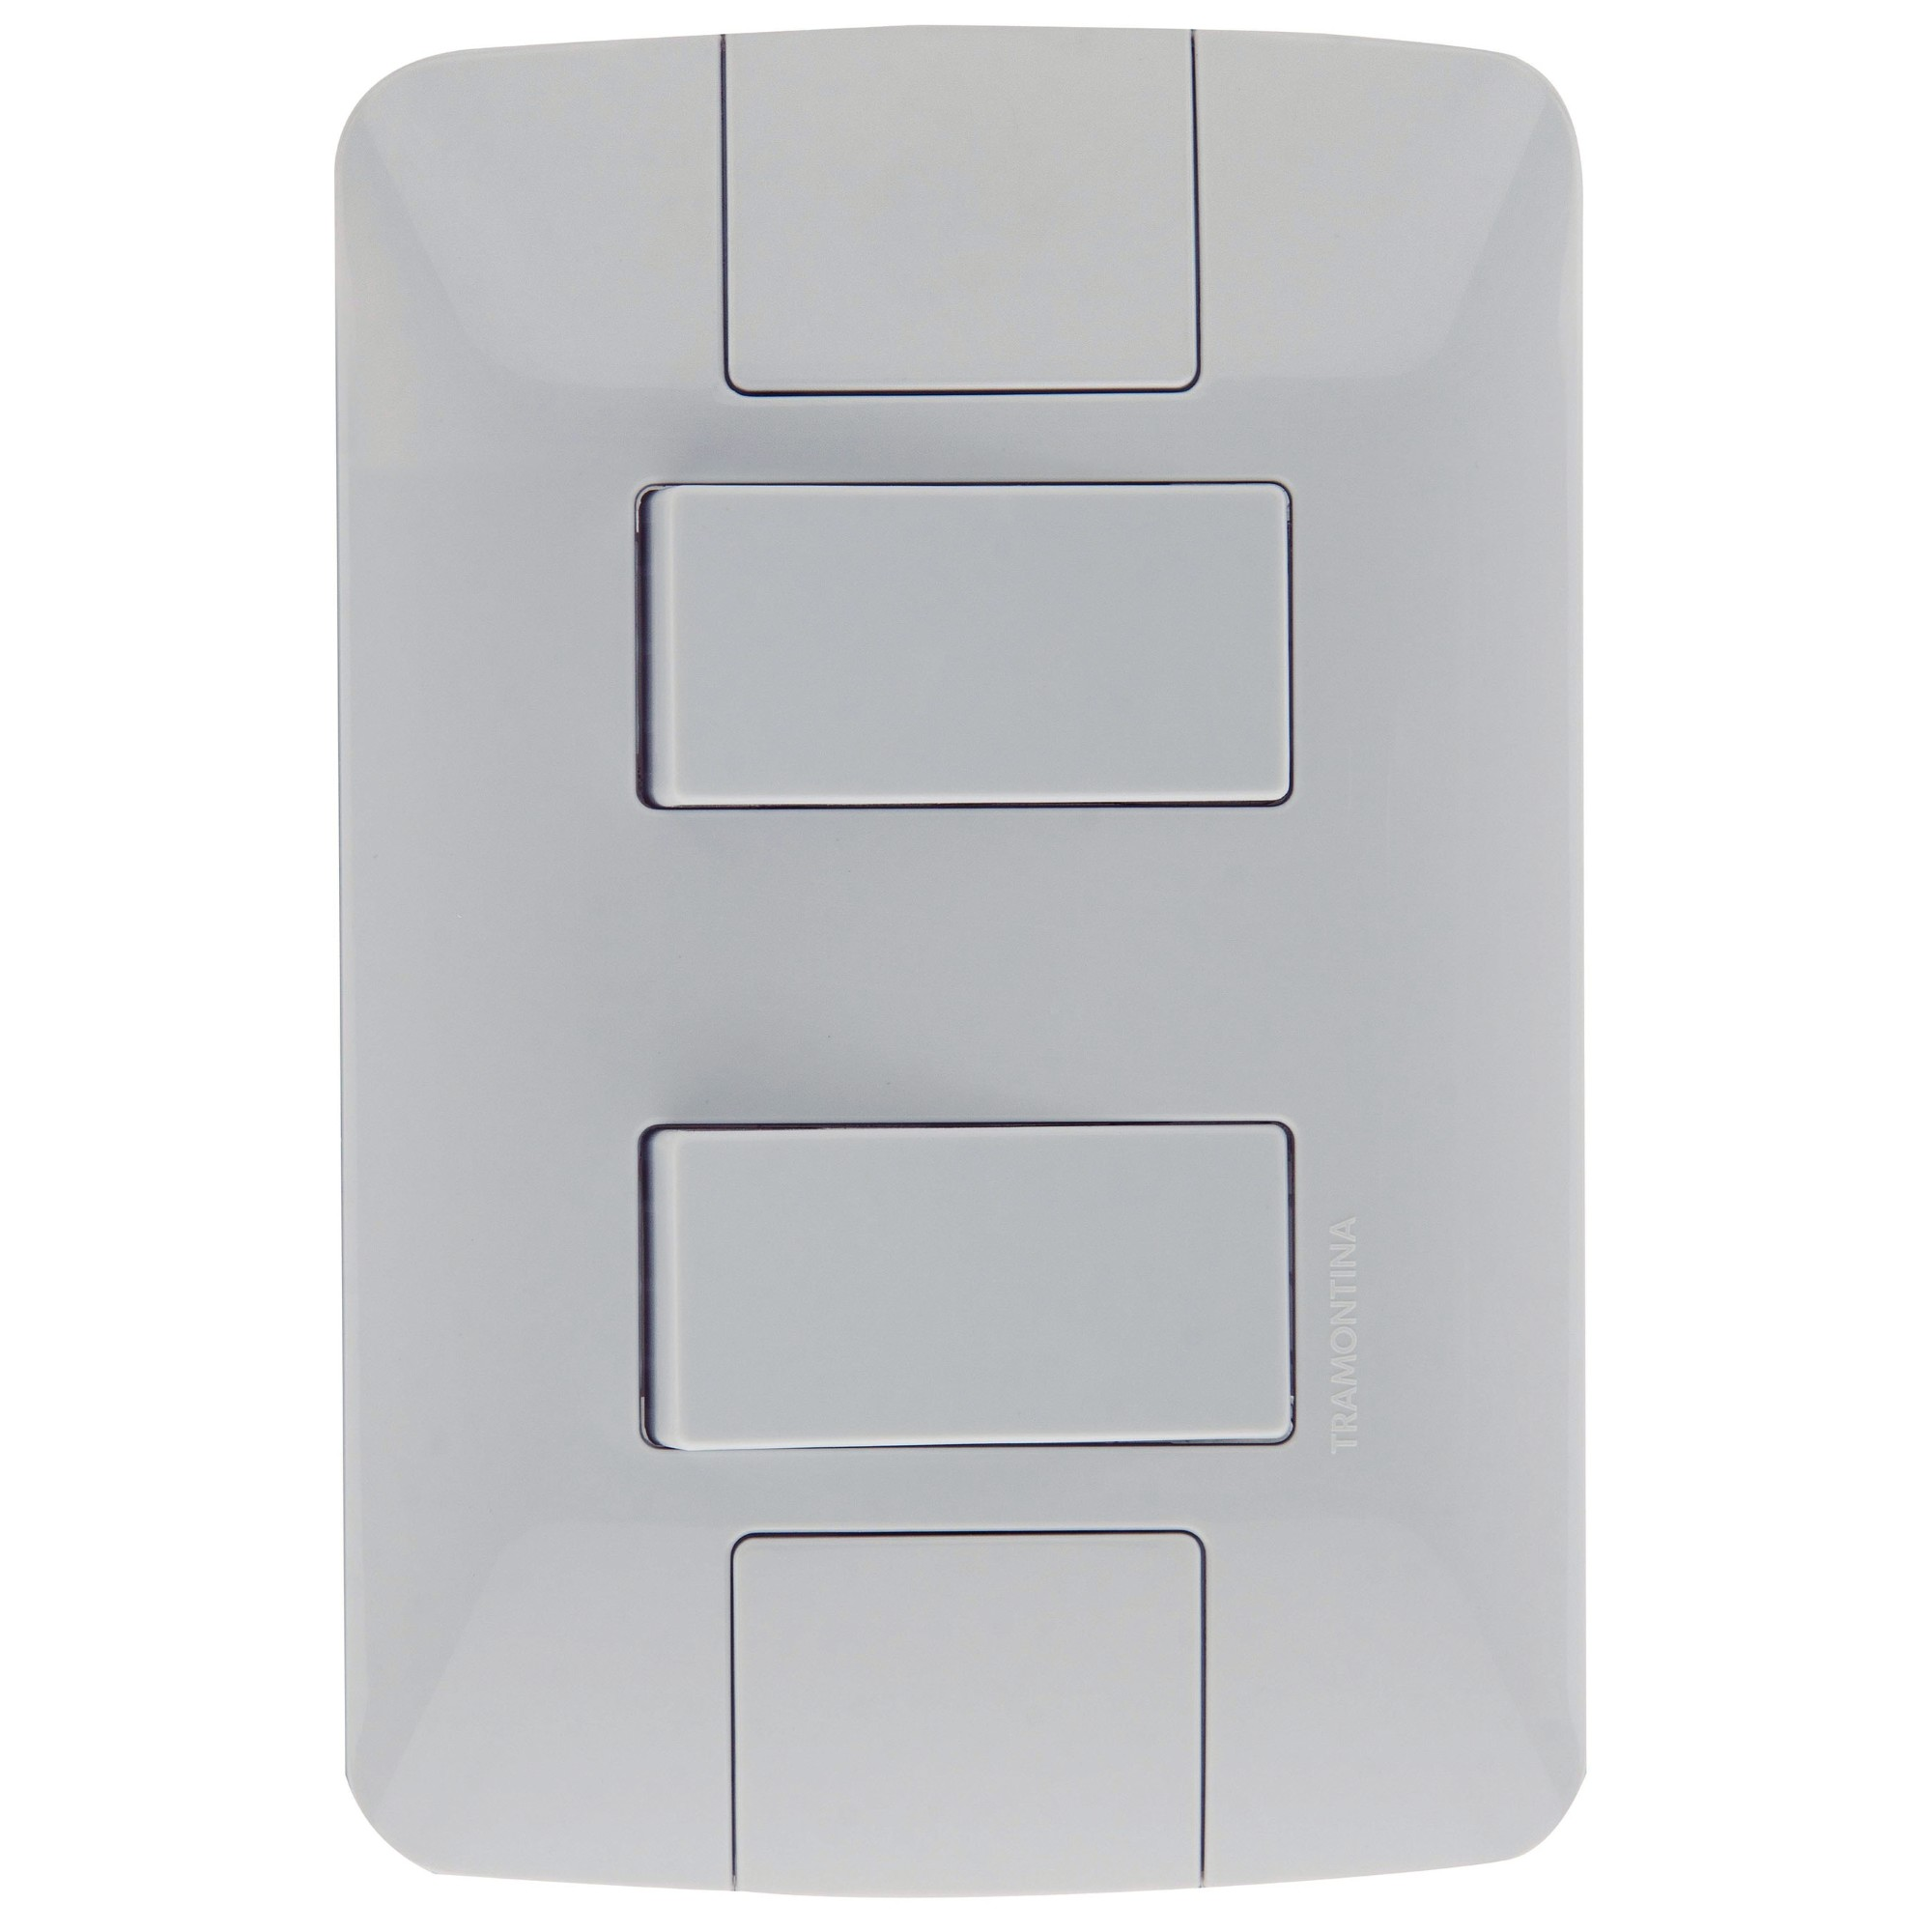 Conjunto Interruptor Simples 2 Modulos 6A - Branco - Aria - Tramontina